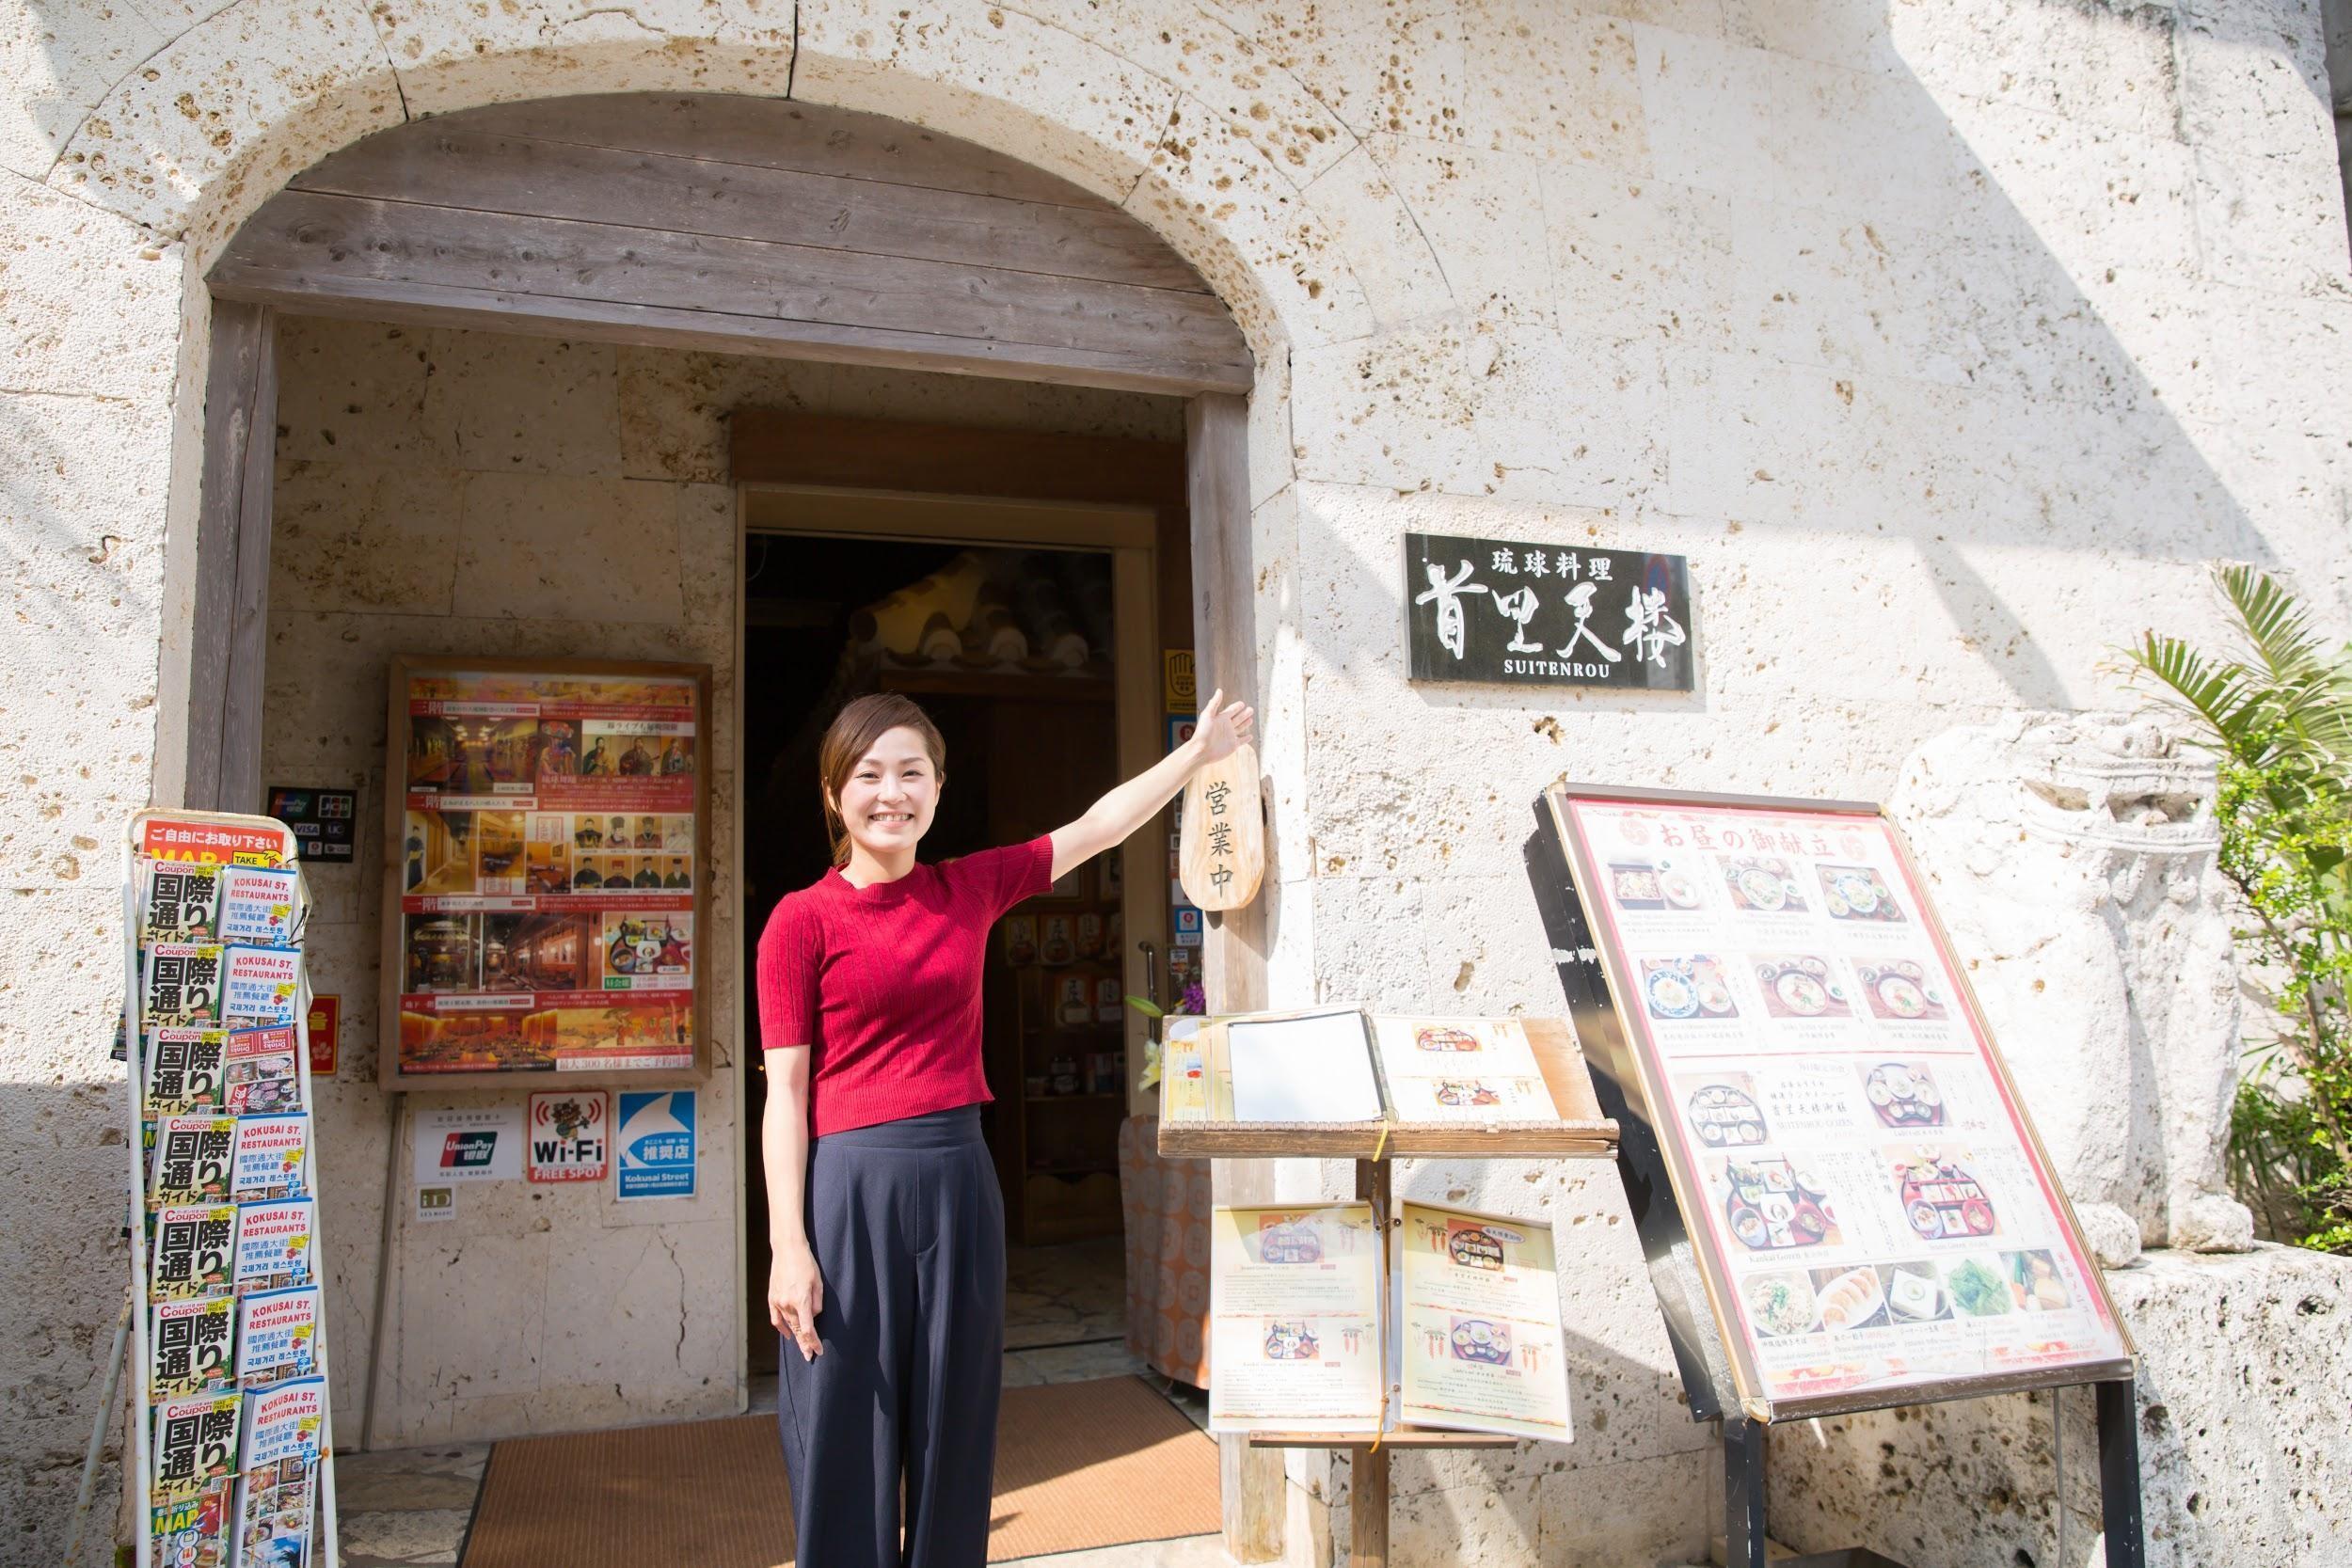 【潜入!沖縄企業レポート】国際通りの「首里天楼」に入社してみました